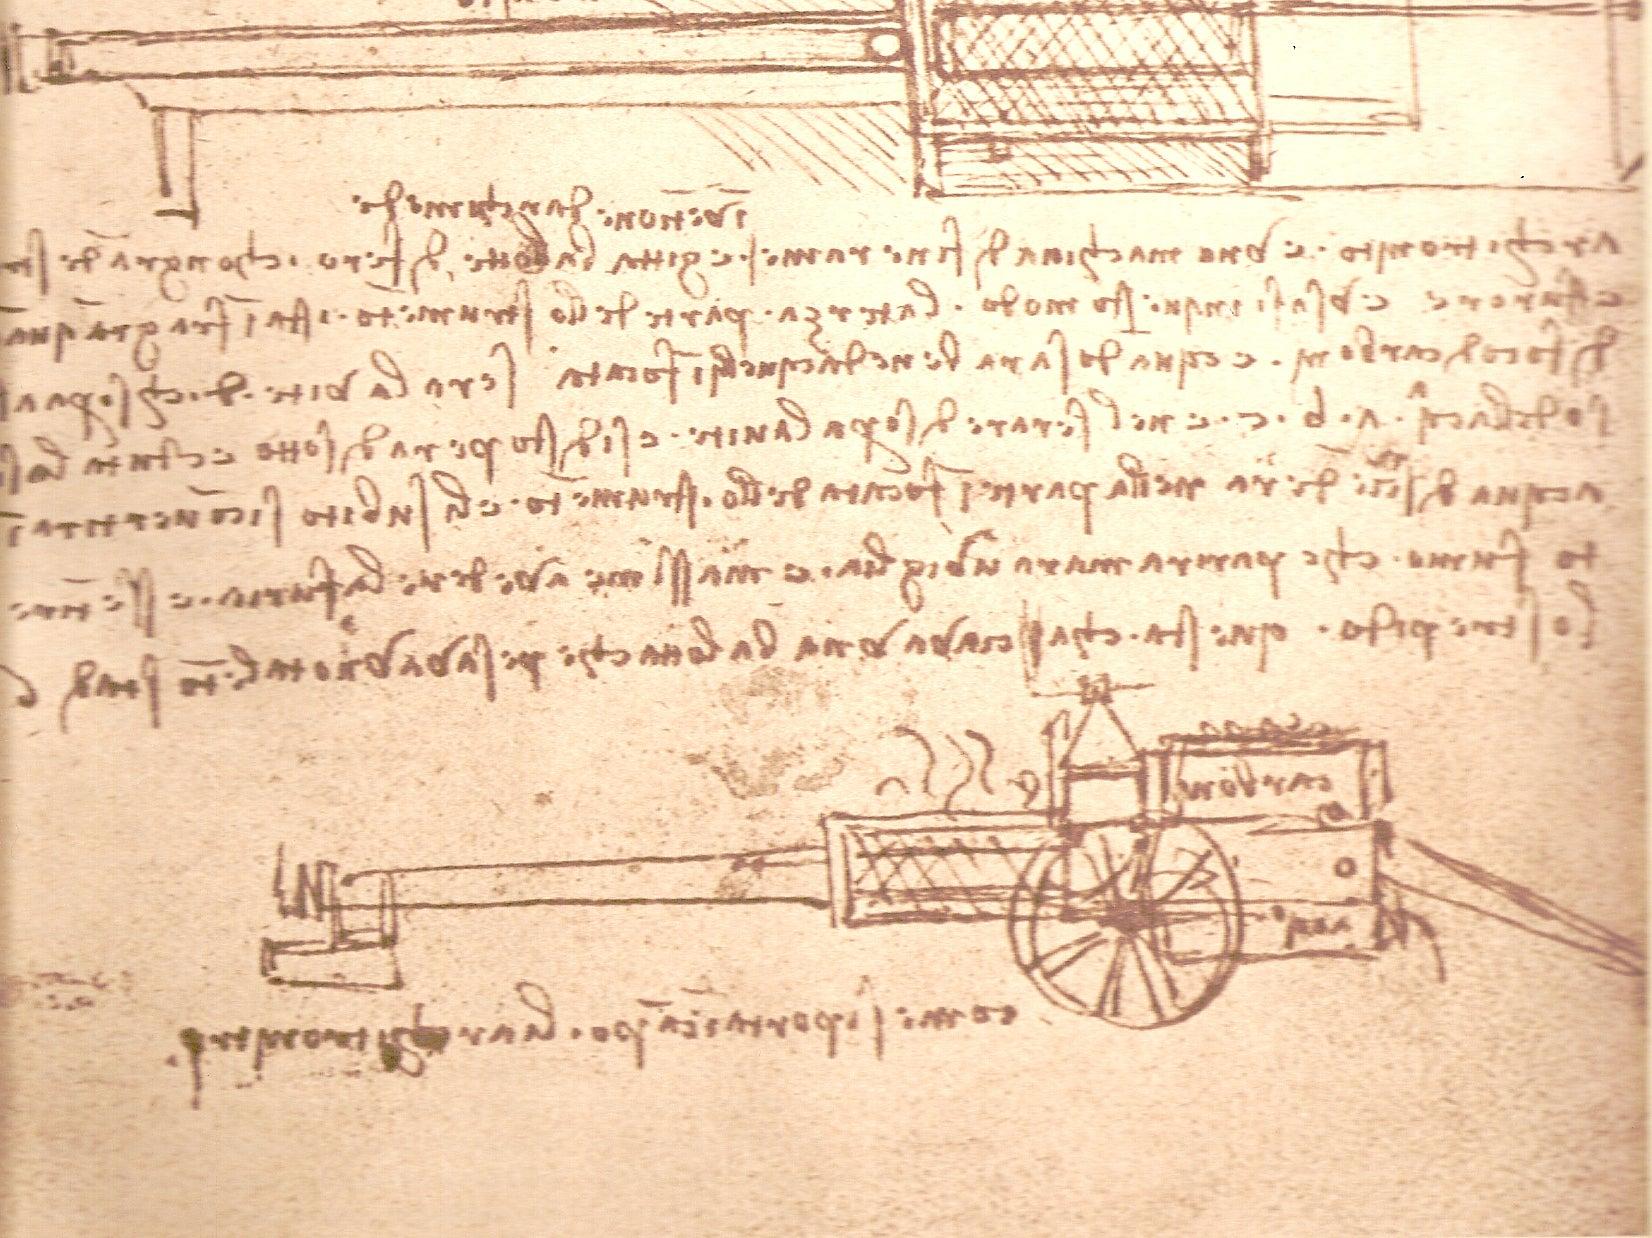 Da Vinci's Architronito